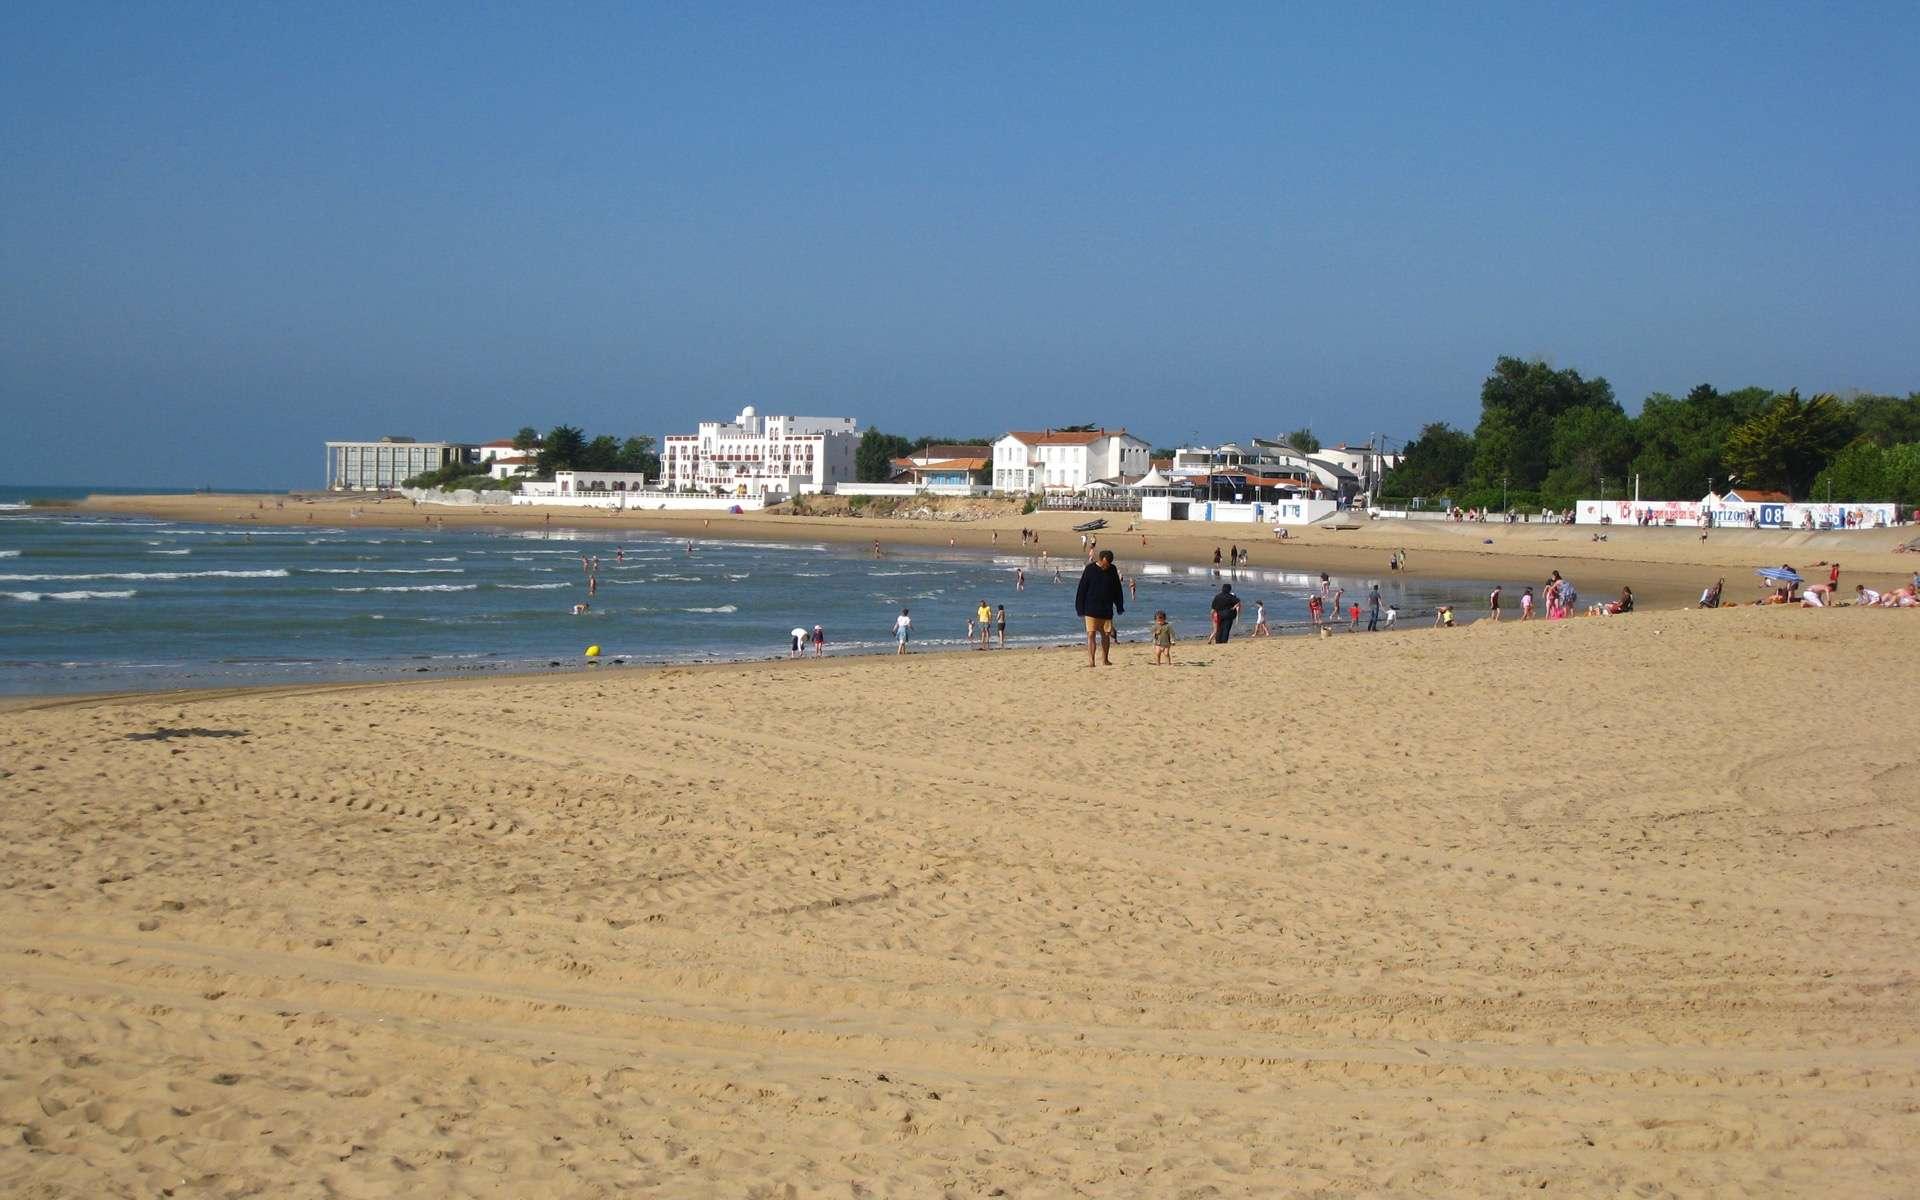 En raison du changement climatique, le littoral sableux est menacé faisant craindre la disparition des plages, cependant certaines seront épargnées. Photo : La plage centrale de la Tanche-sur-mer. © Minou85, Wikimedia Commons, CC by-sa 3.0